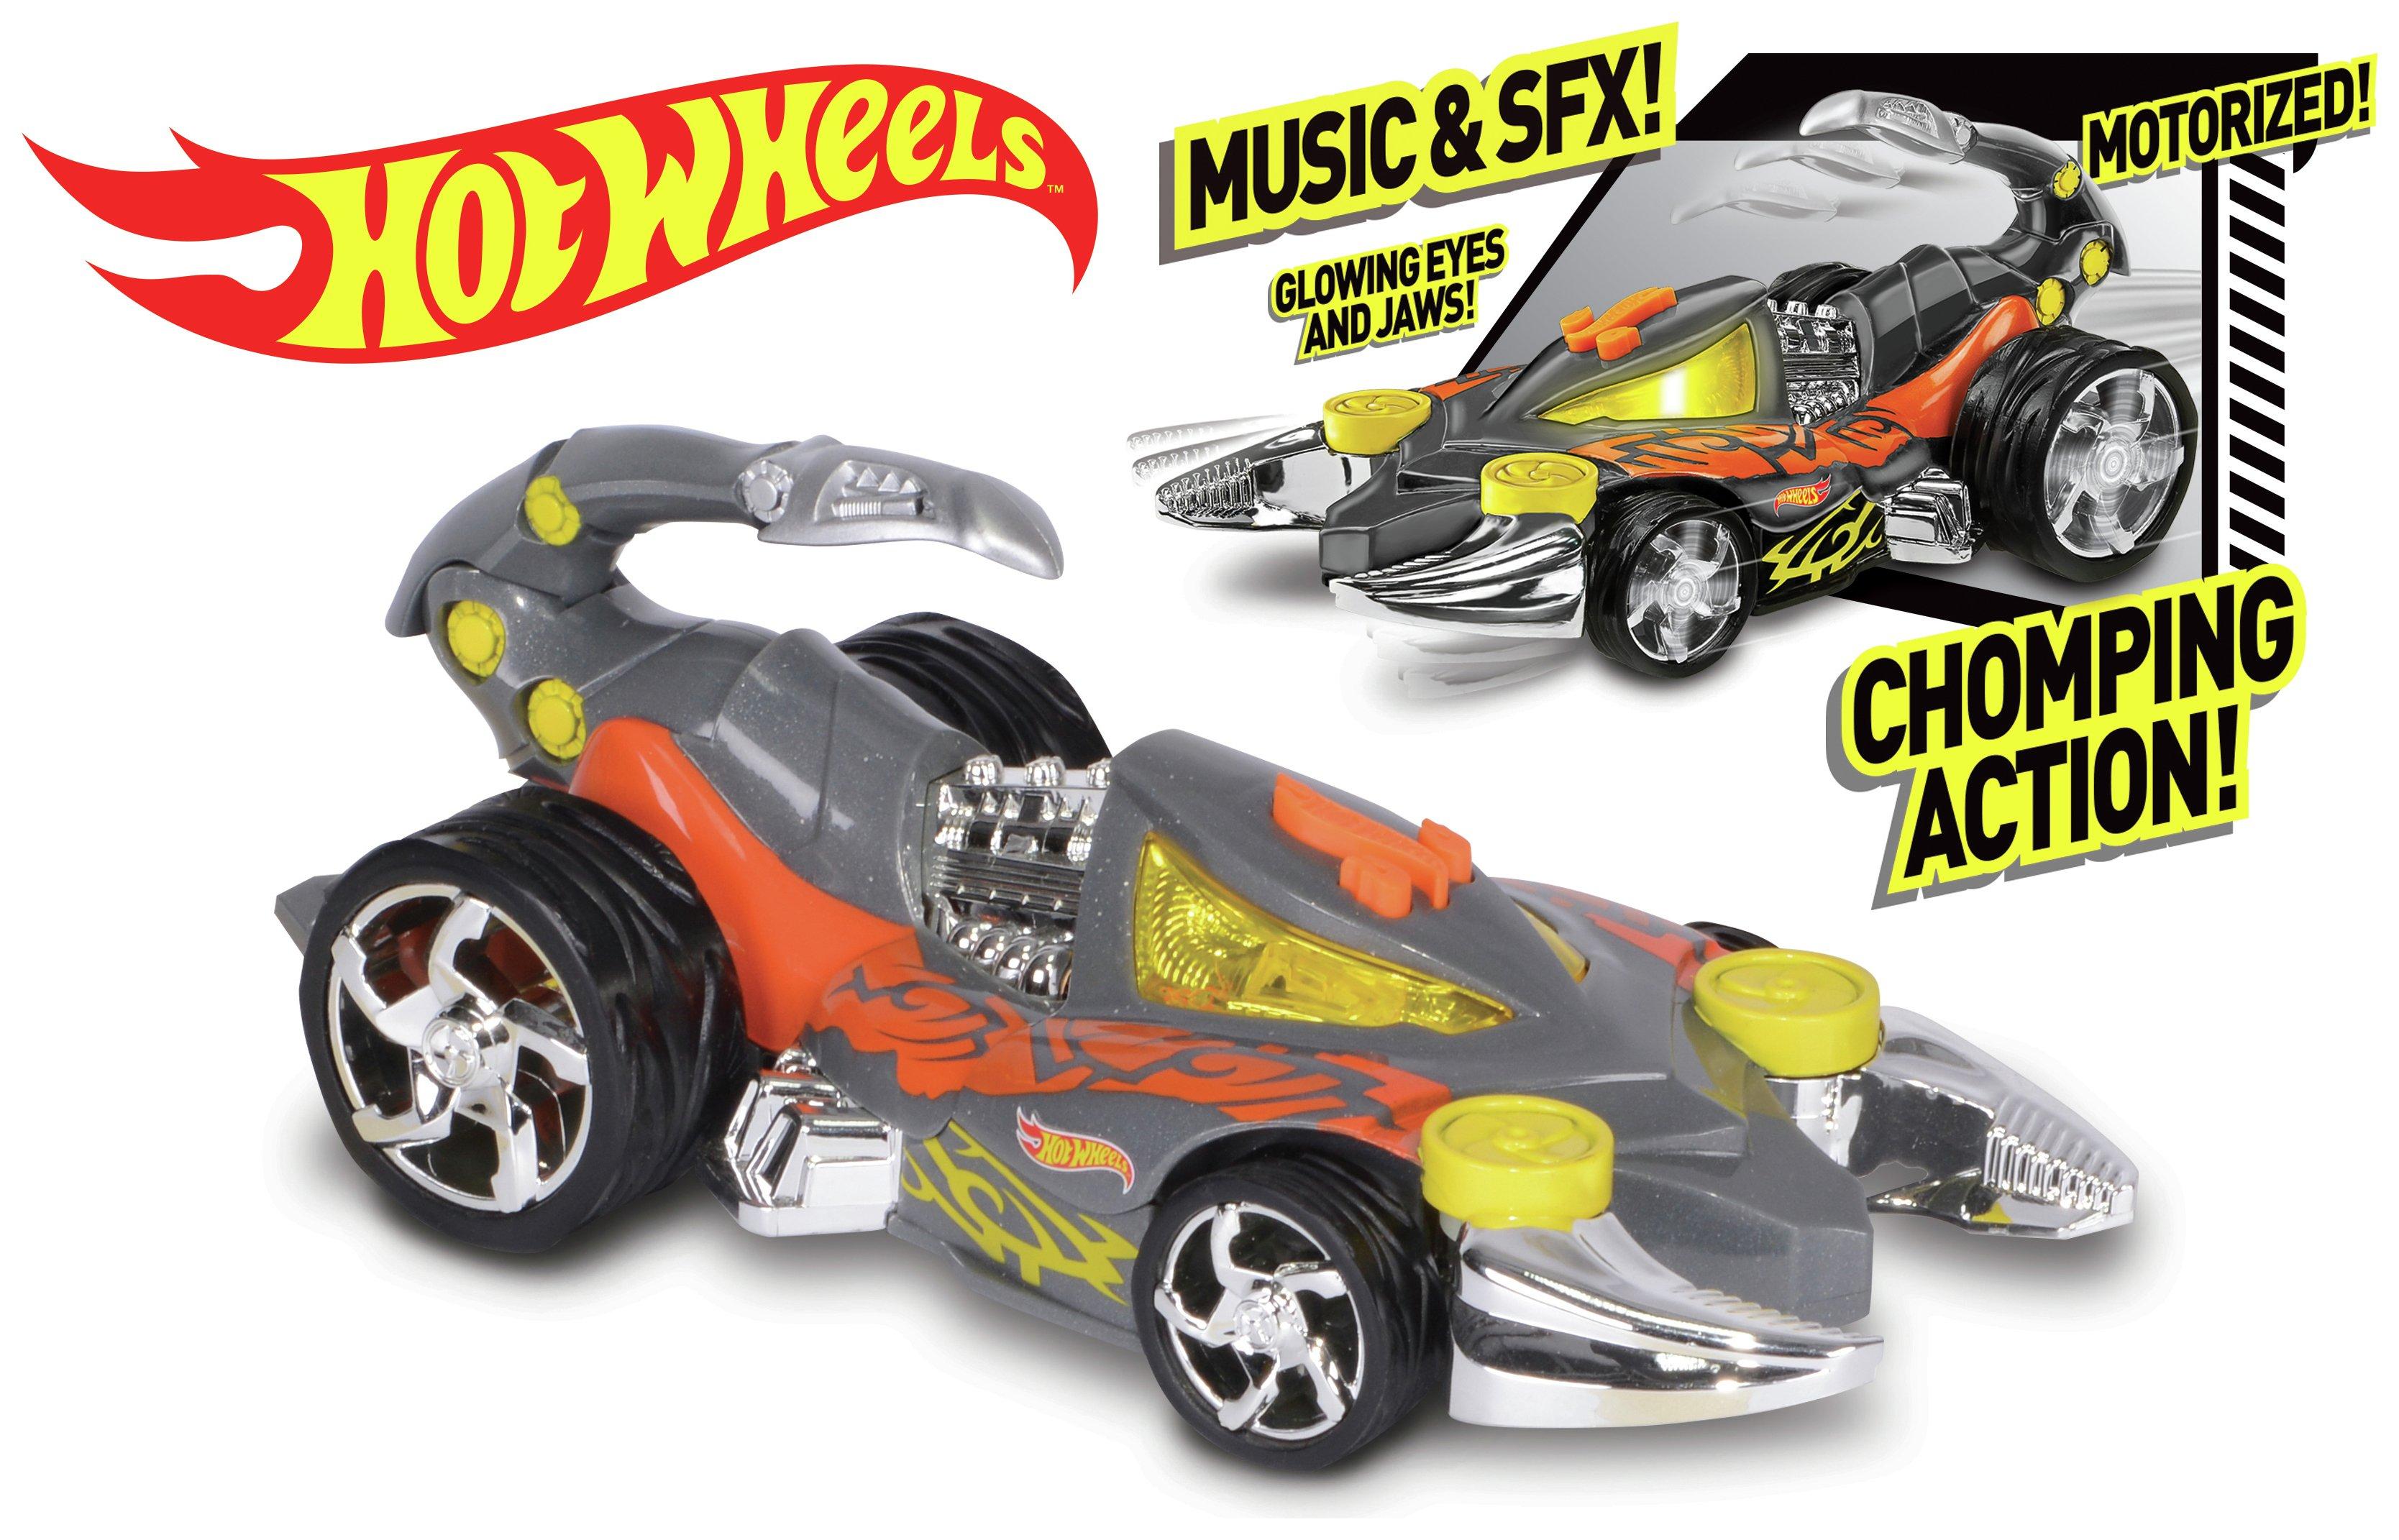 Hot Wheels - Extreme Action Scorpedo.